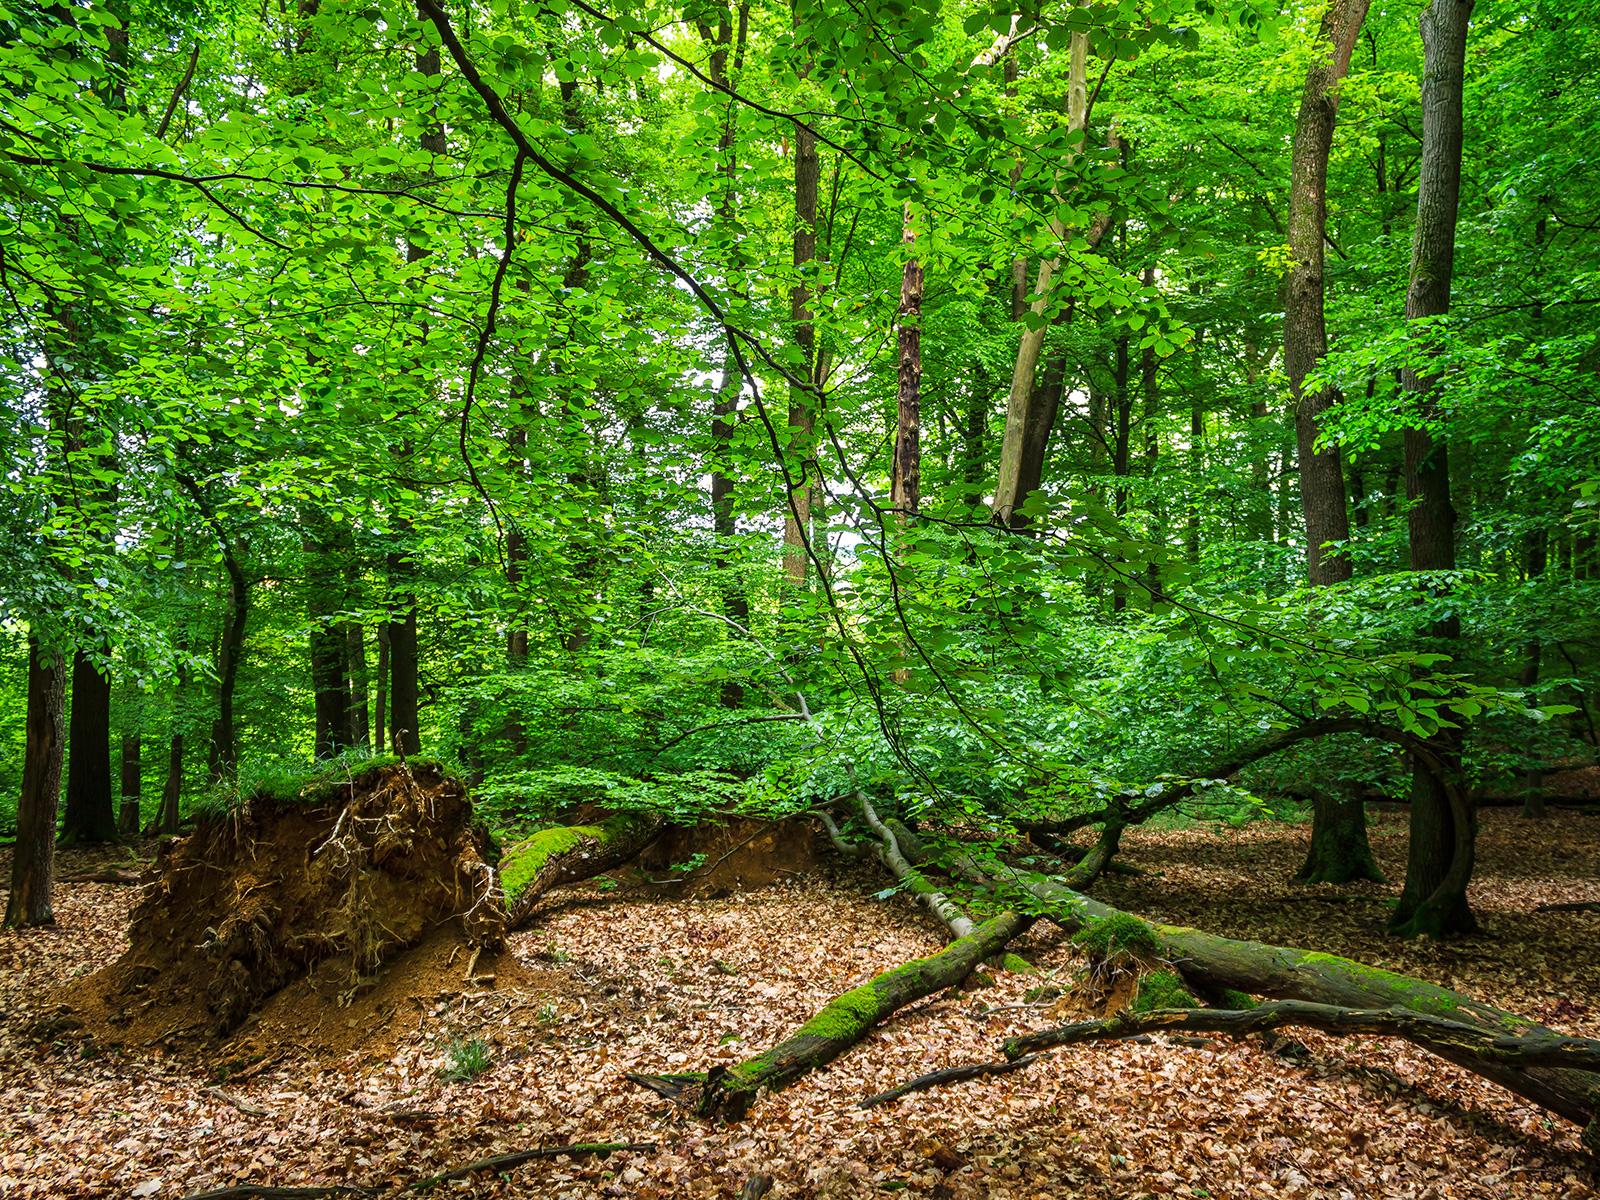 mehrere liegende Biotopbäume